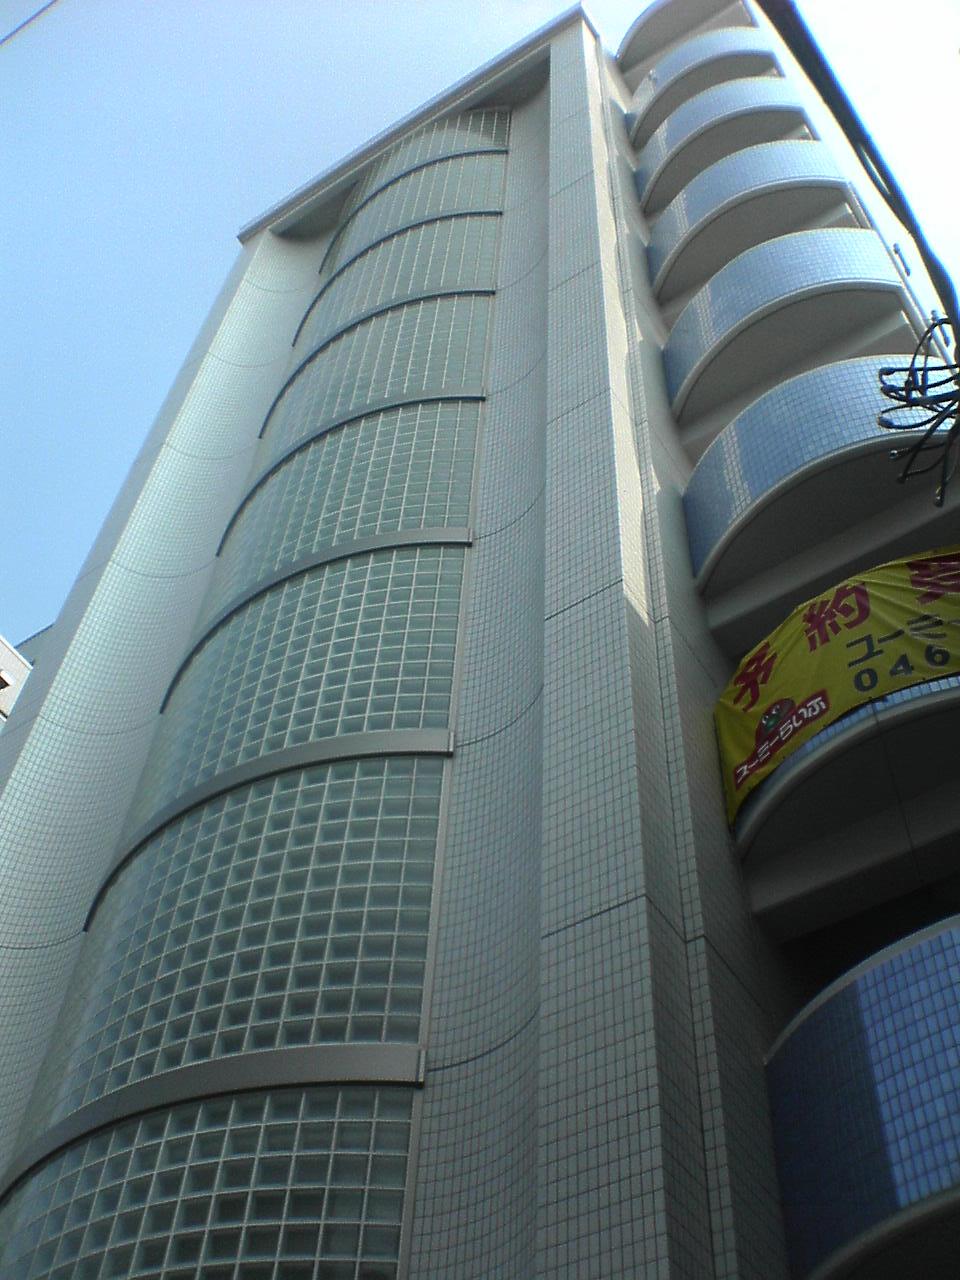 藤沢市辻堂「アルウェット」辻堂駅徒歩2分!のサムネイル